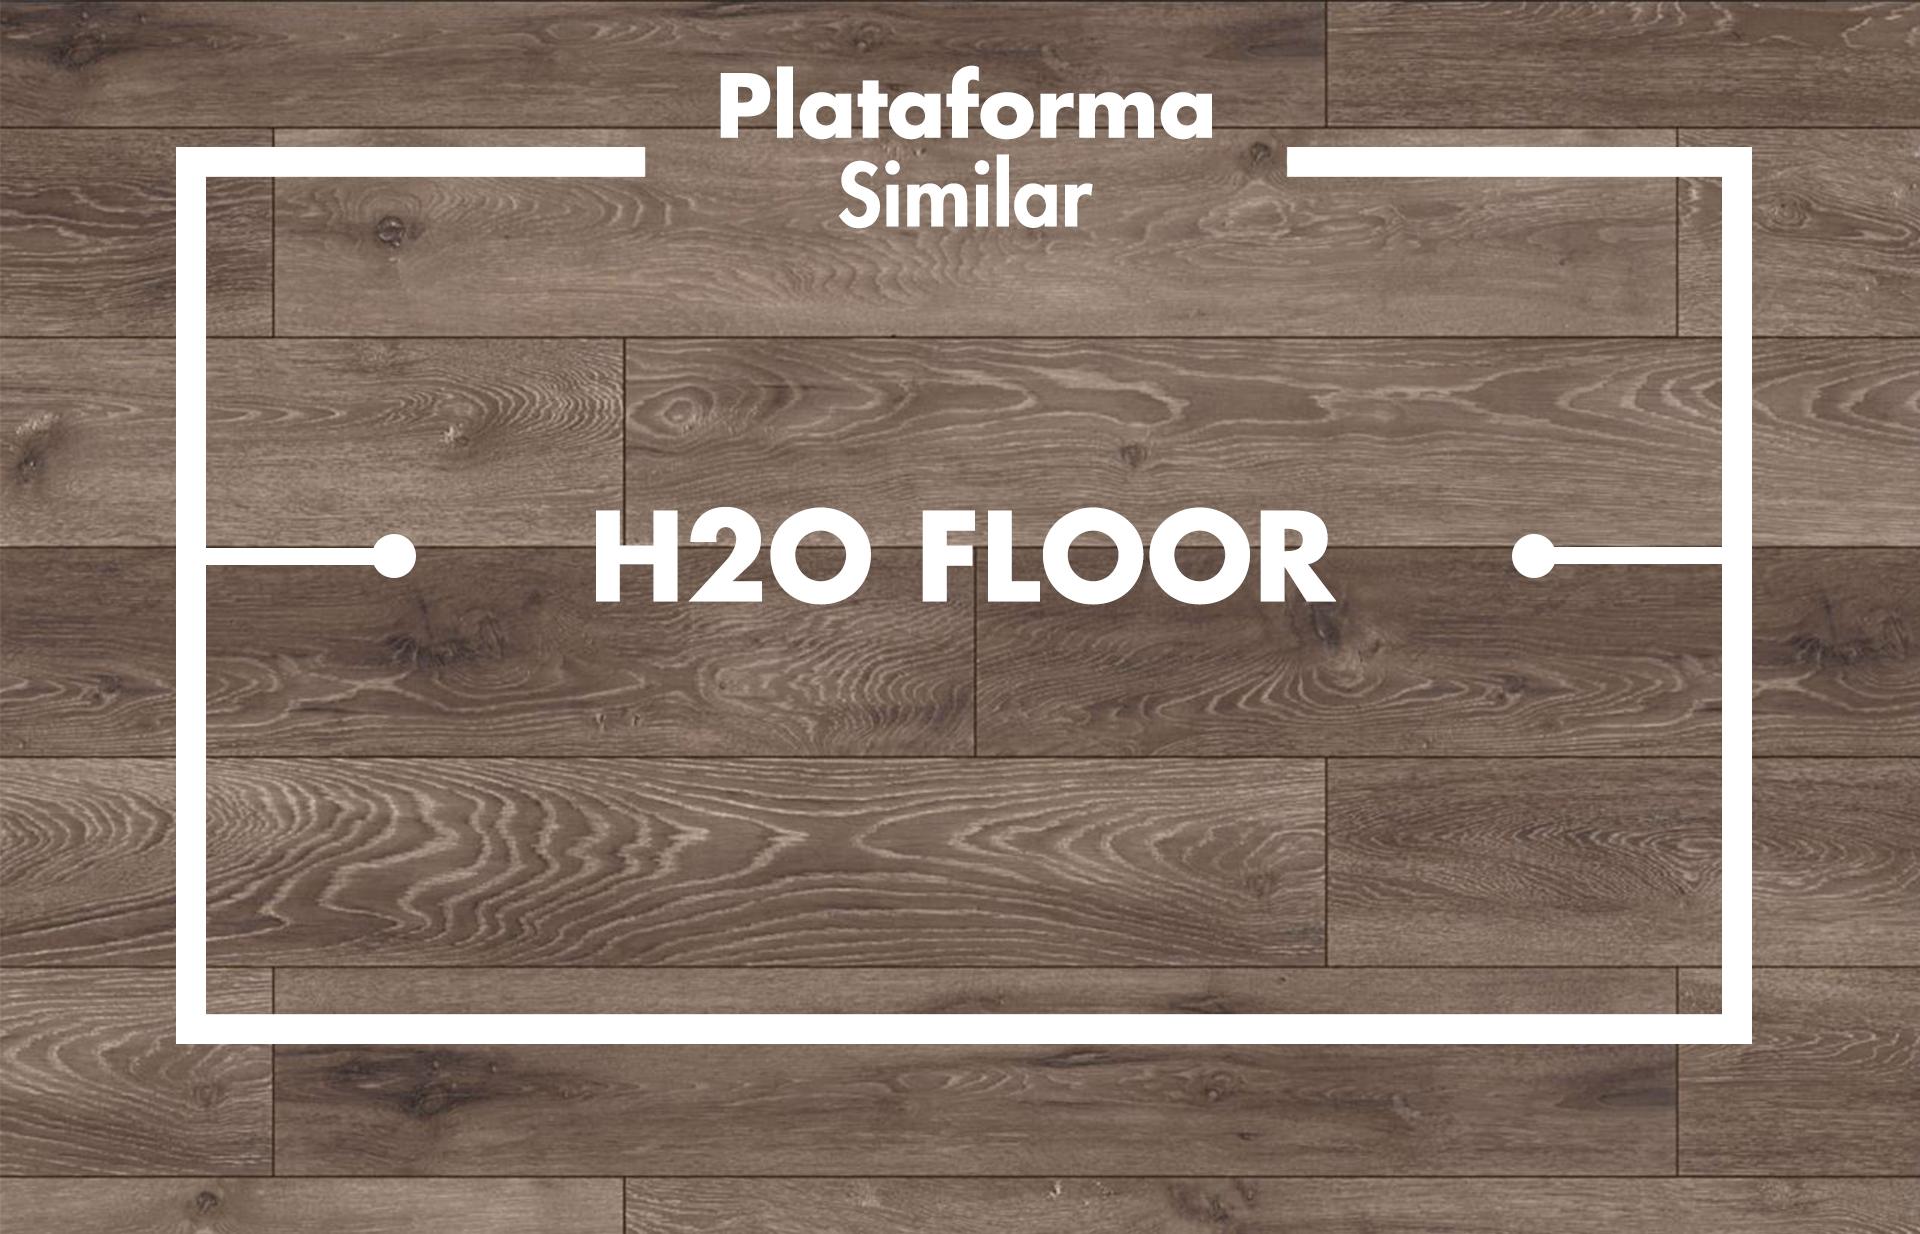 H2O floor